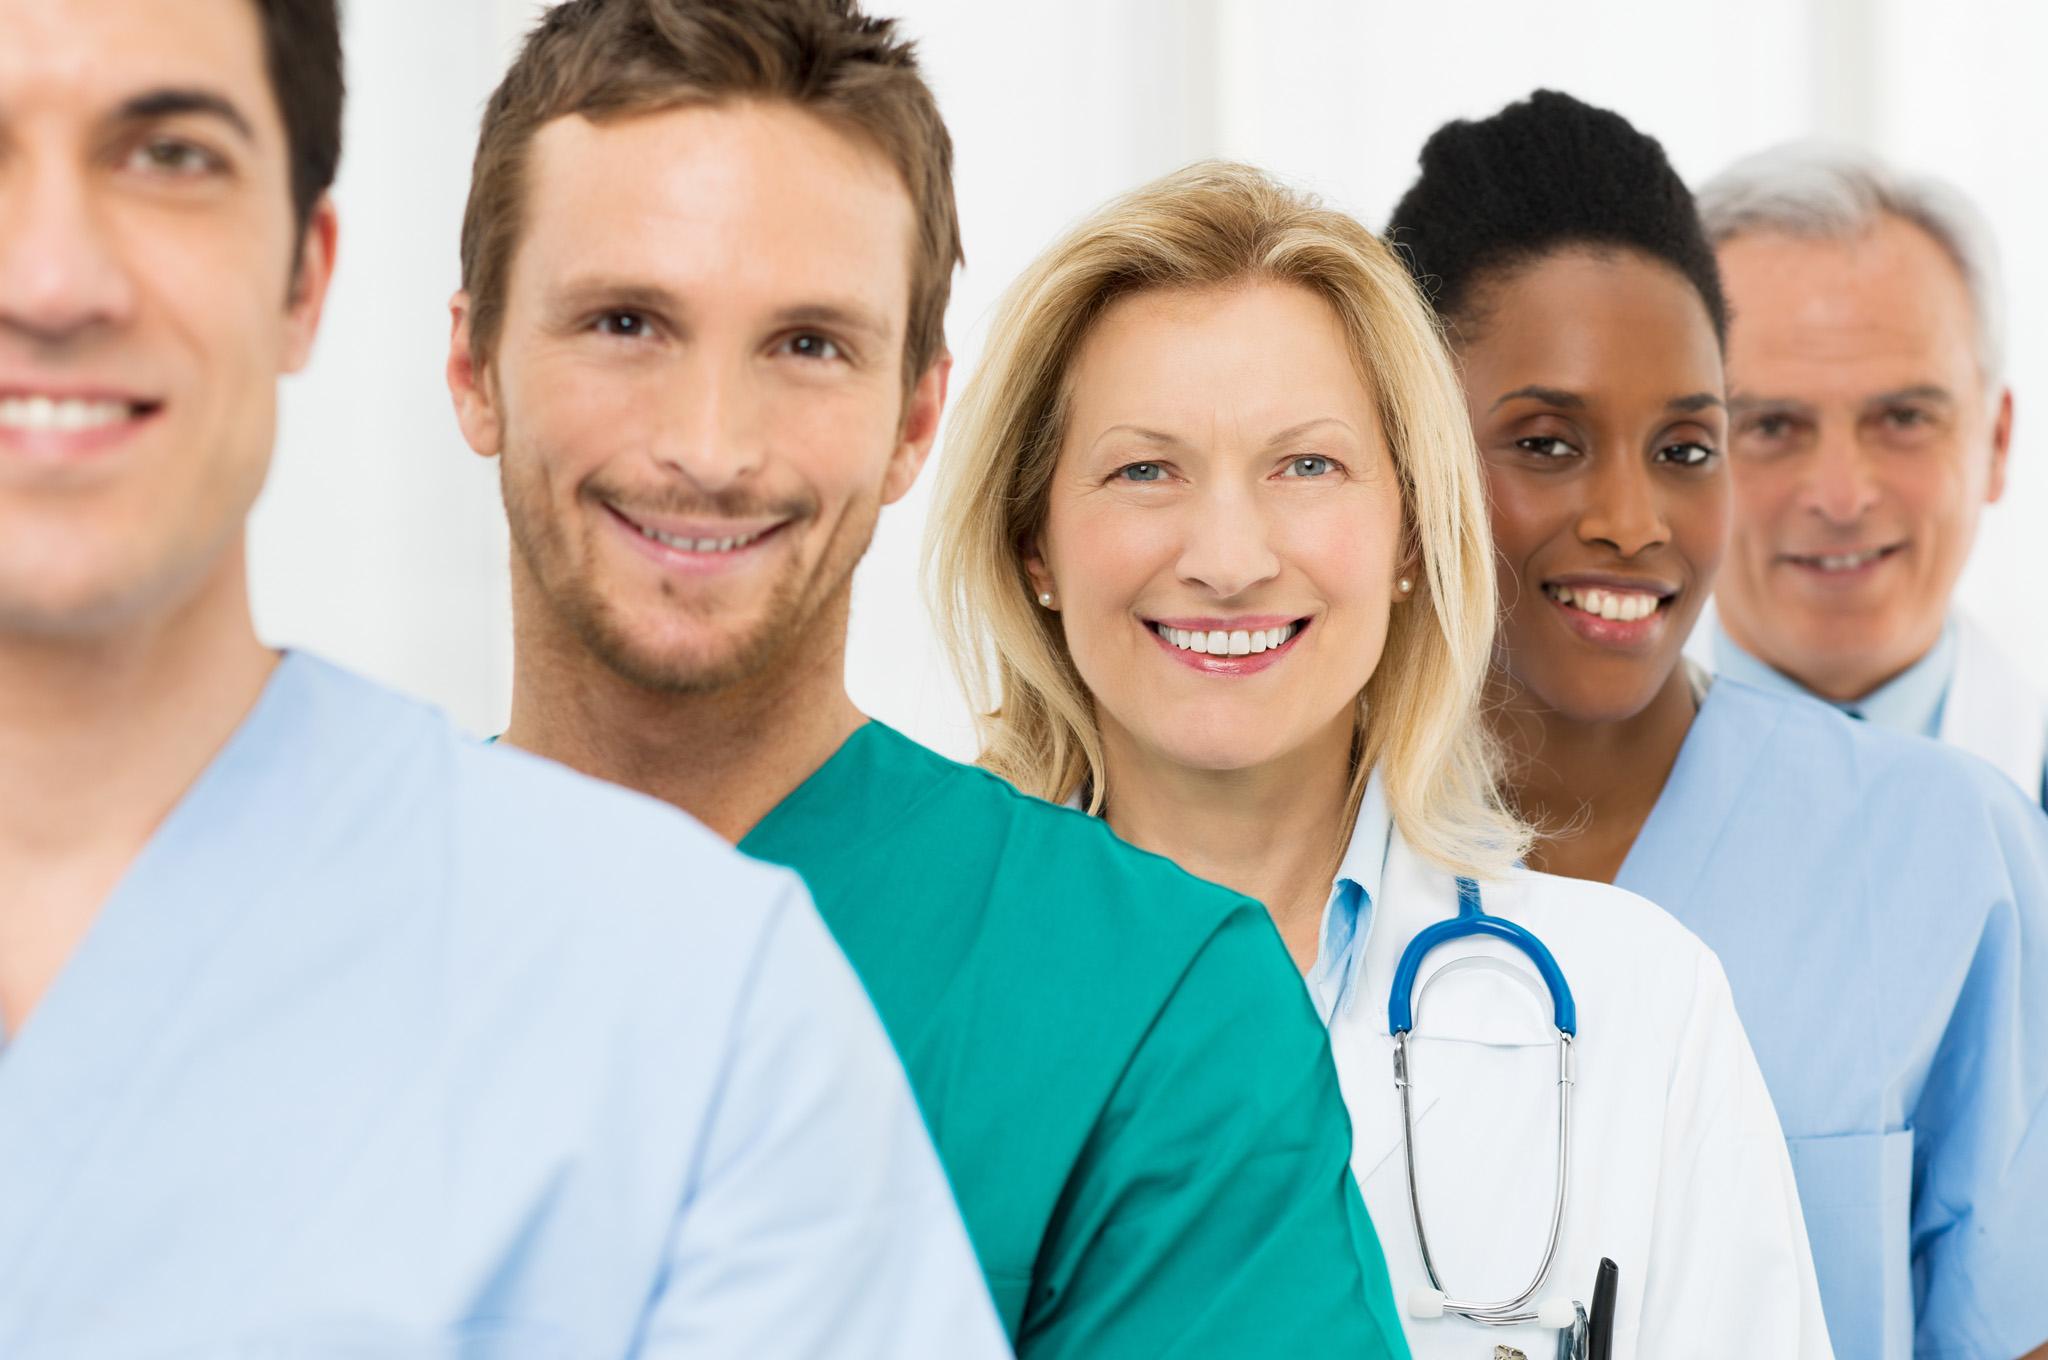 medici-infermieri